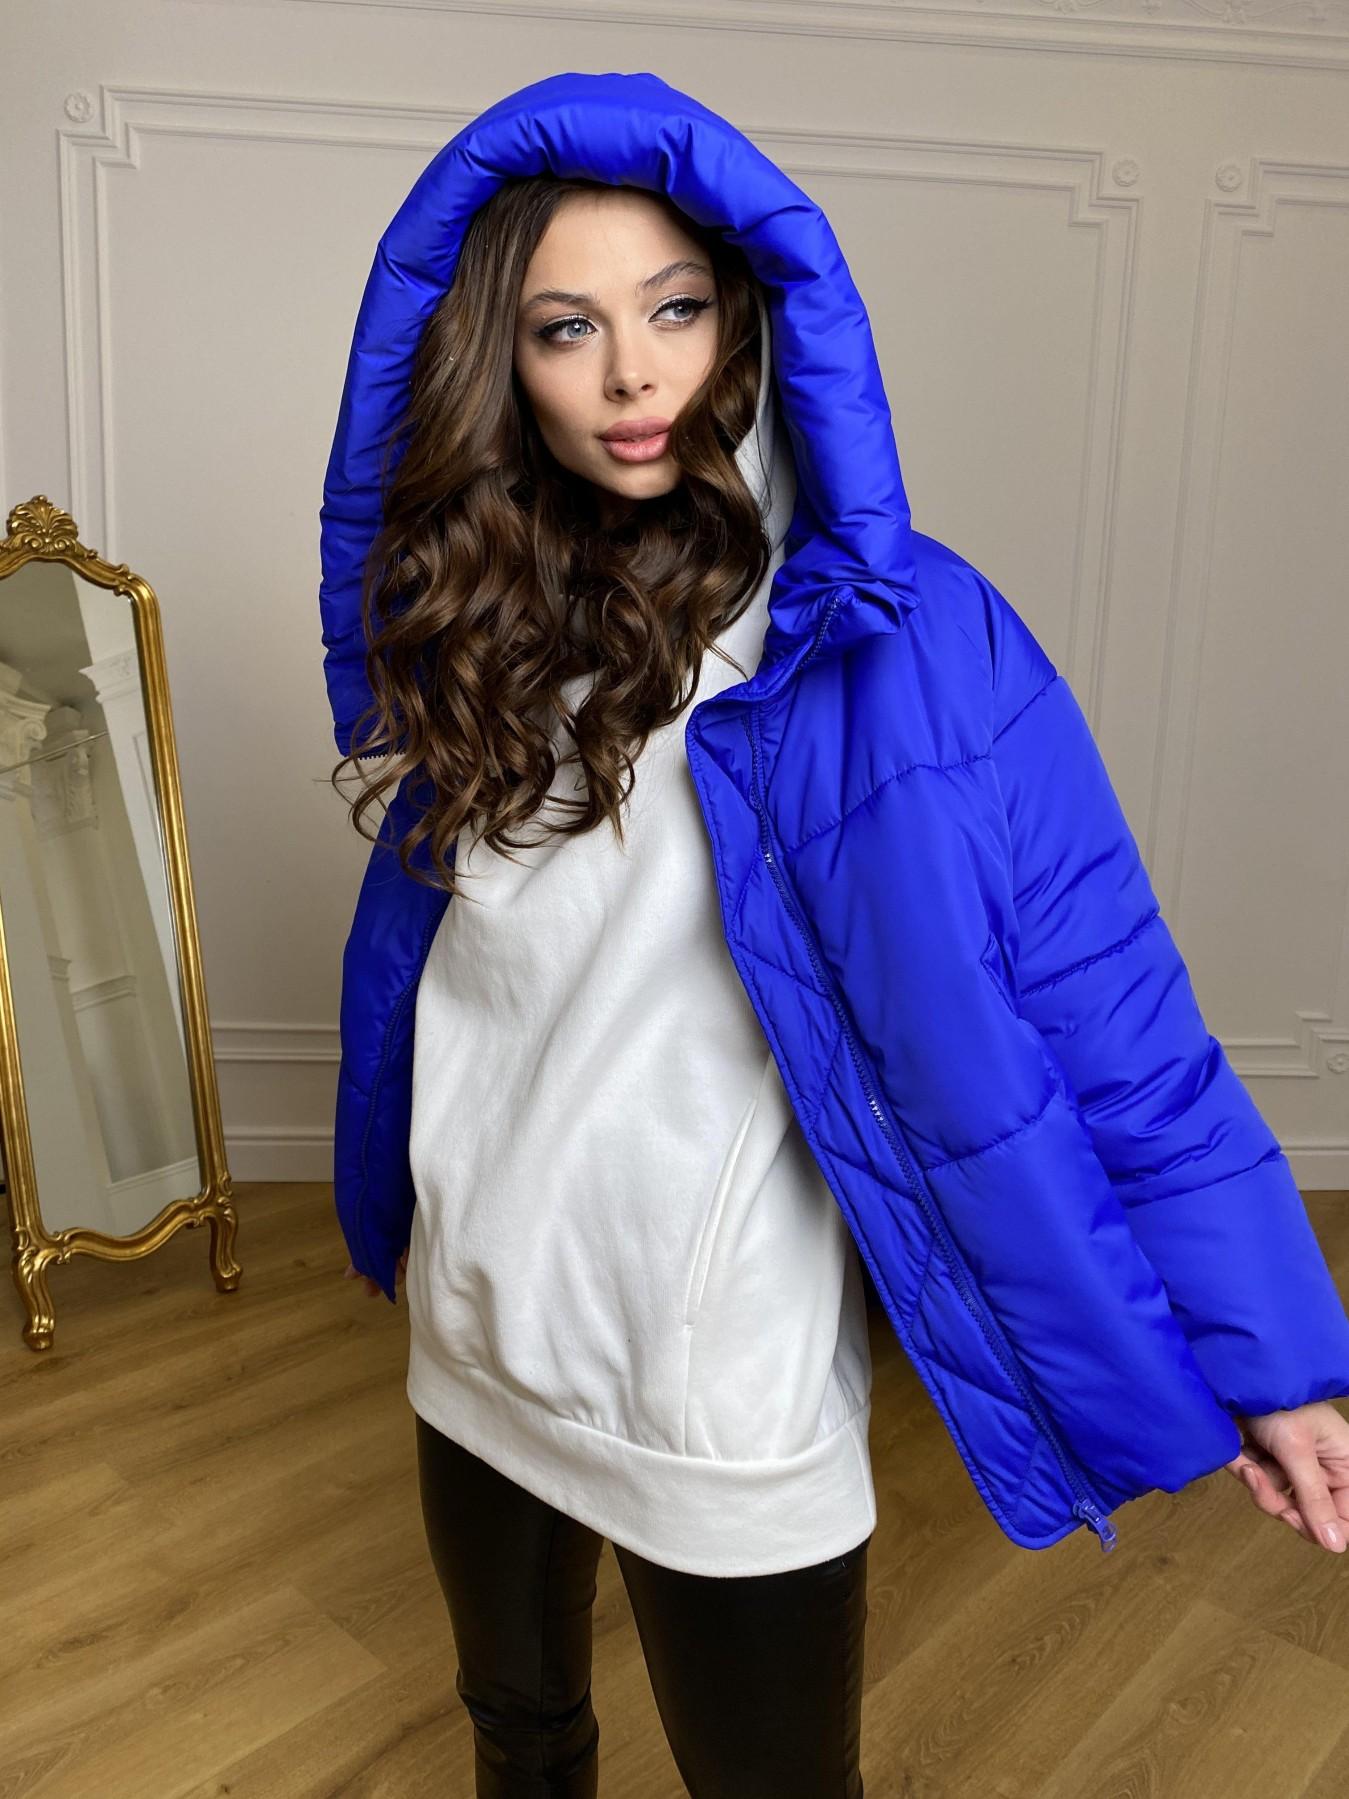 Нокс куртка из плащевой ткани 10535 АРТ. 46881 Цвет: Электрик 1052 - фото 4, интернет магазин tm-modus.ru